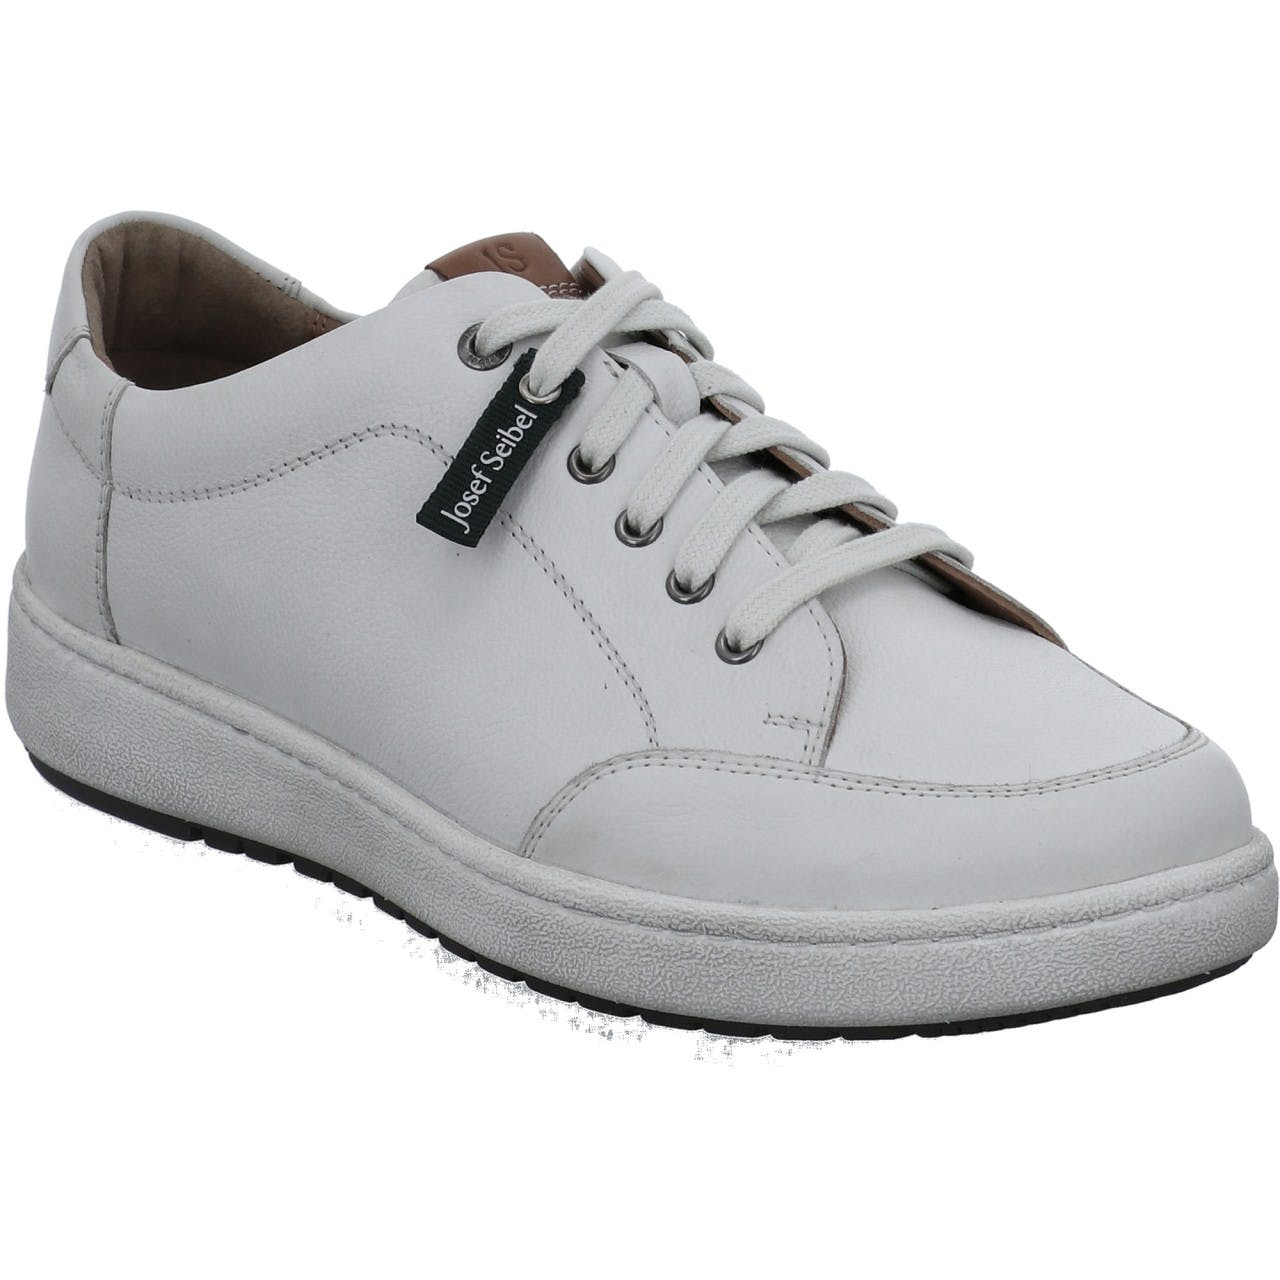 Josef Seibel Herren-Sneaker David 03 | weiß